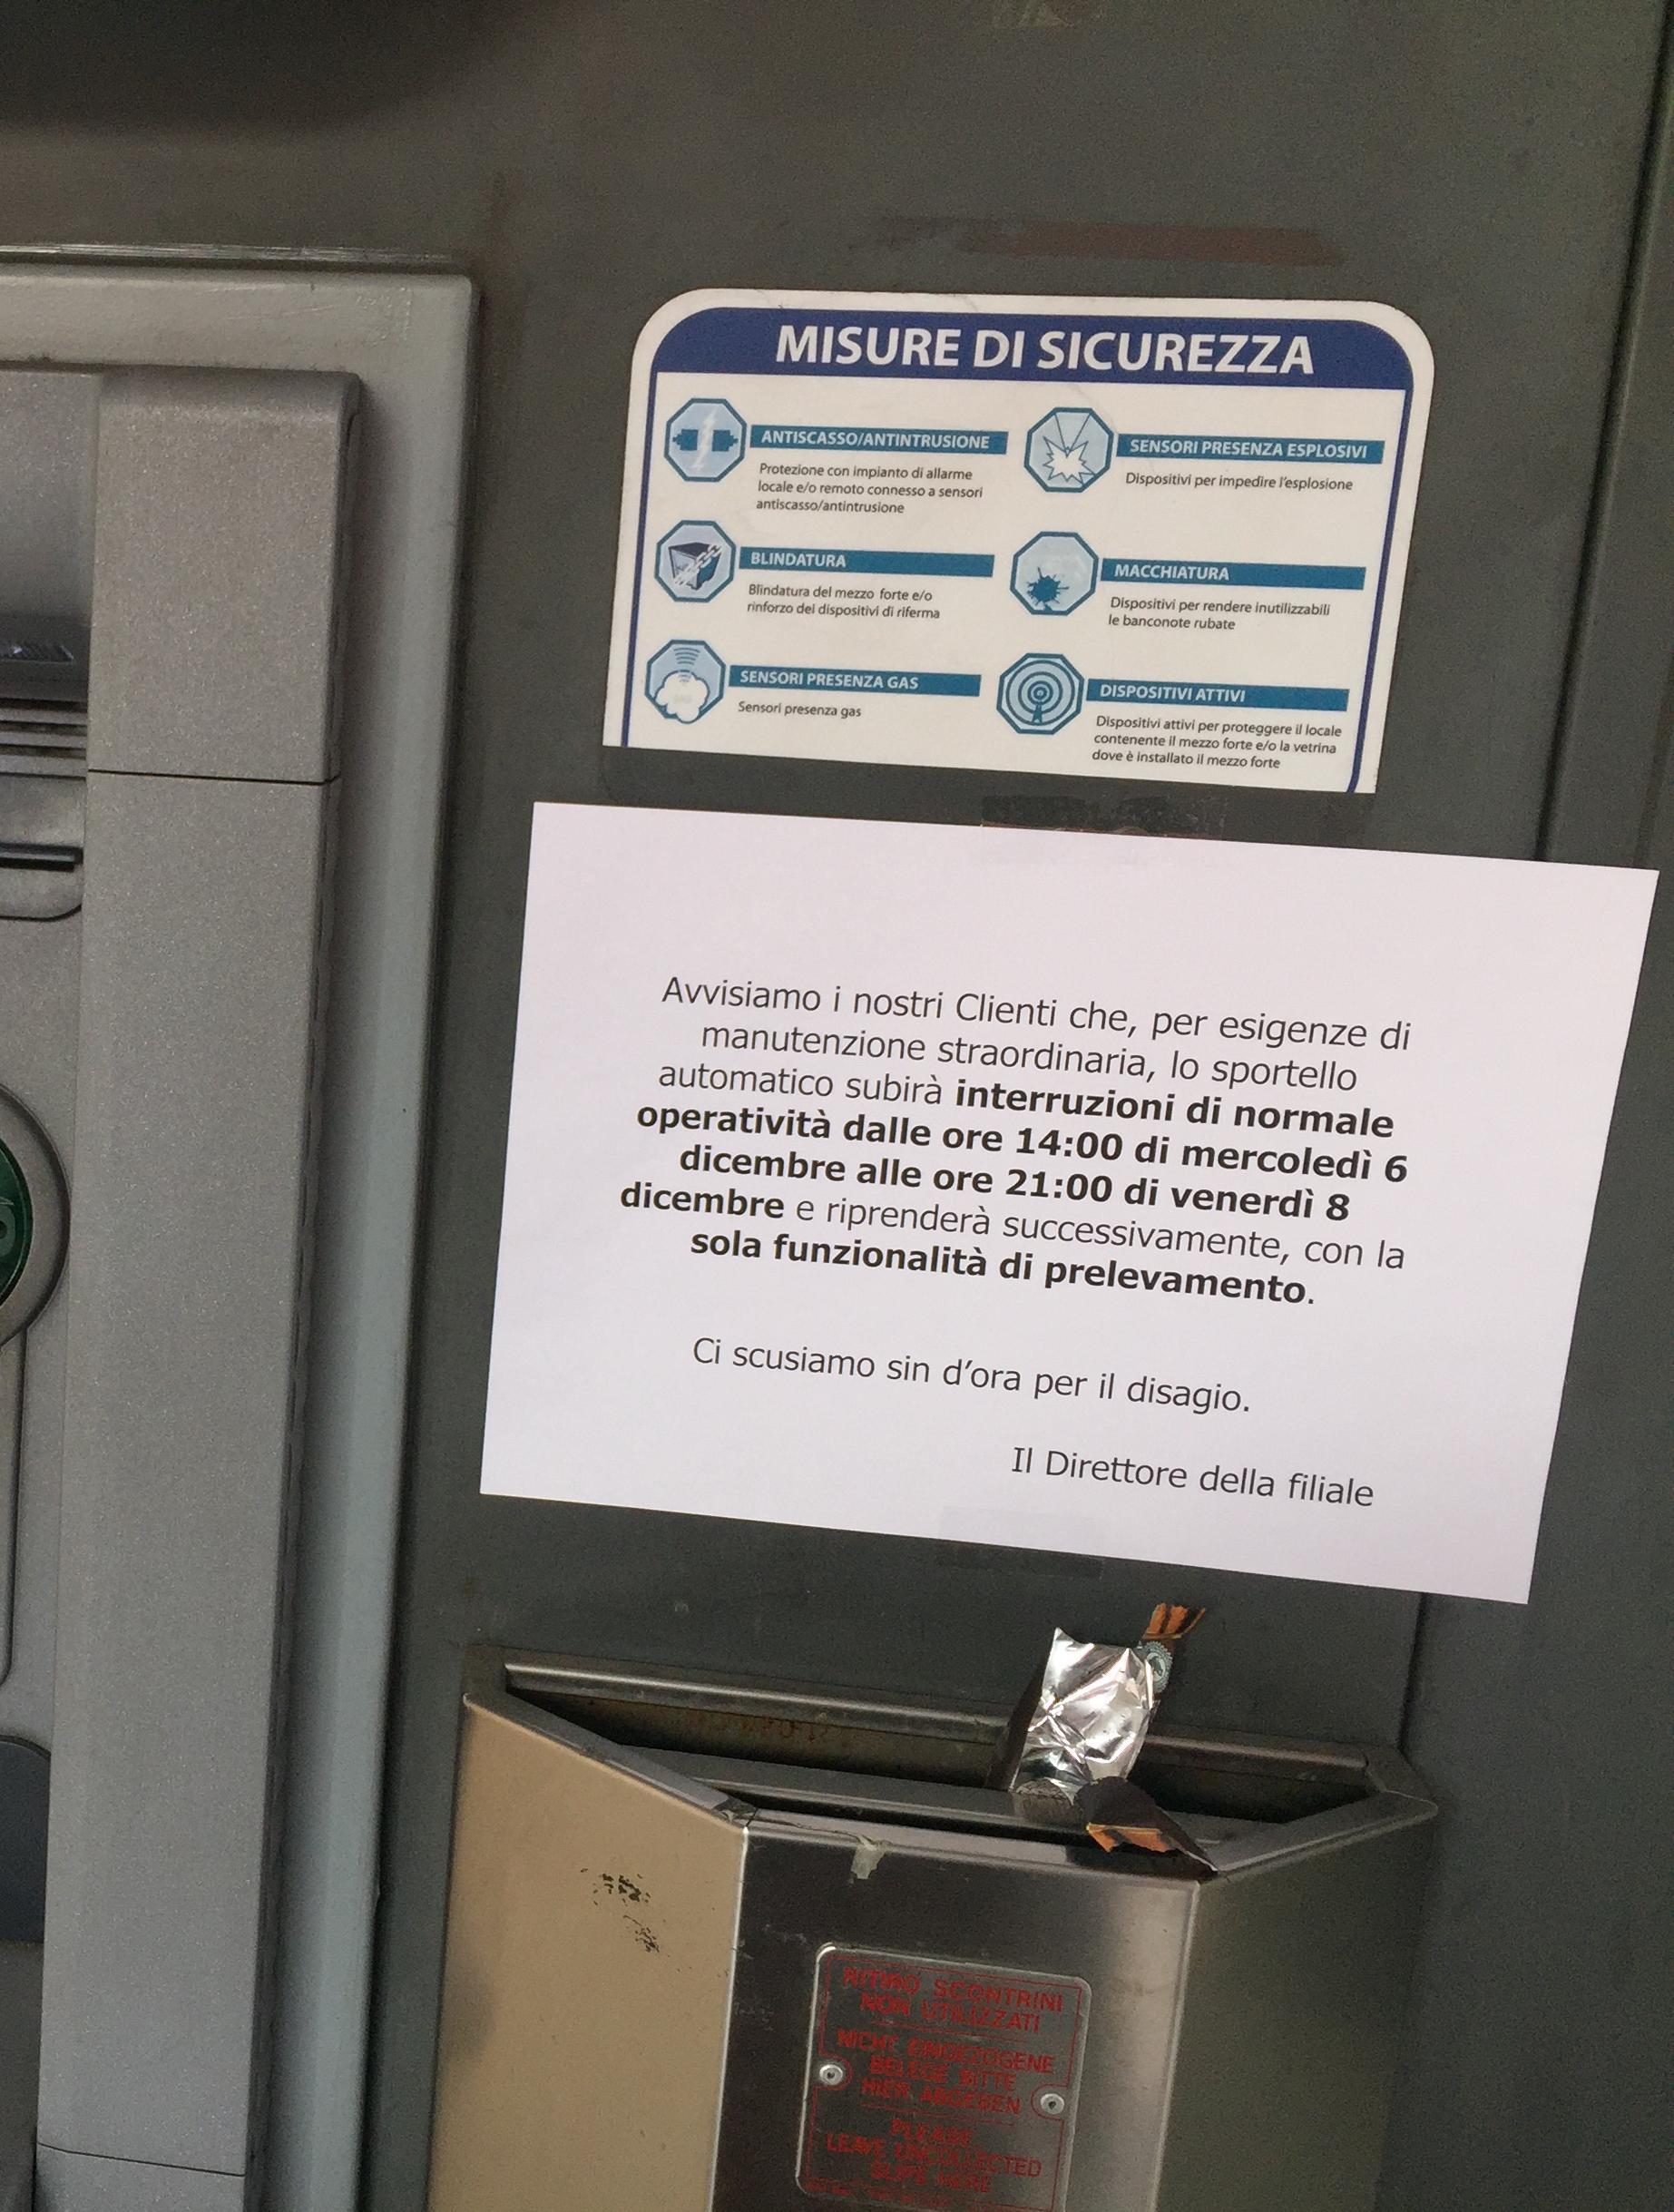 Banche Venete Via Al Trasloco In Intesa Sanpaolo Bancomat